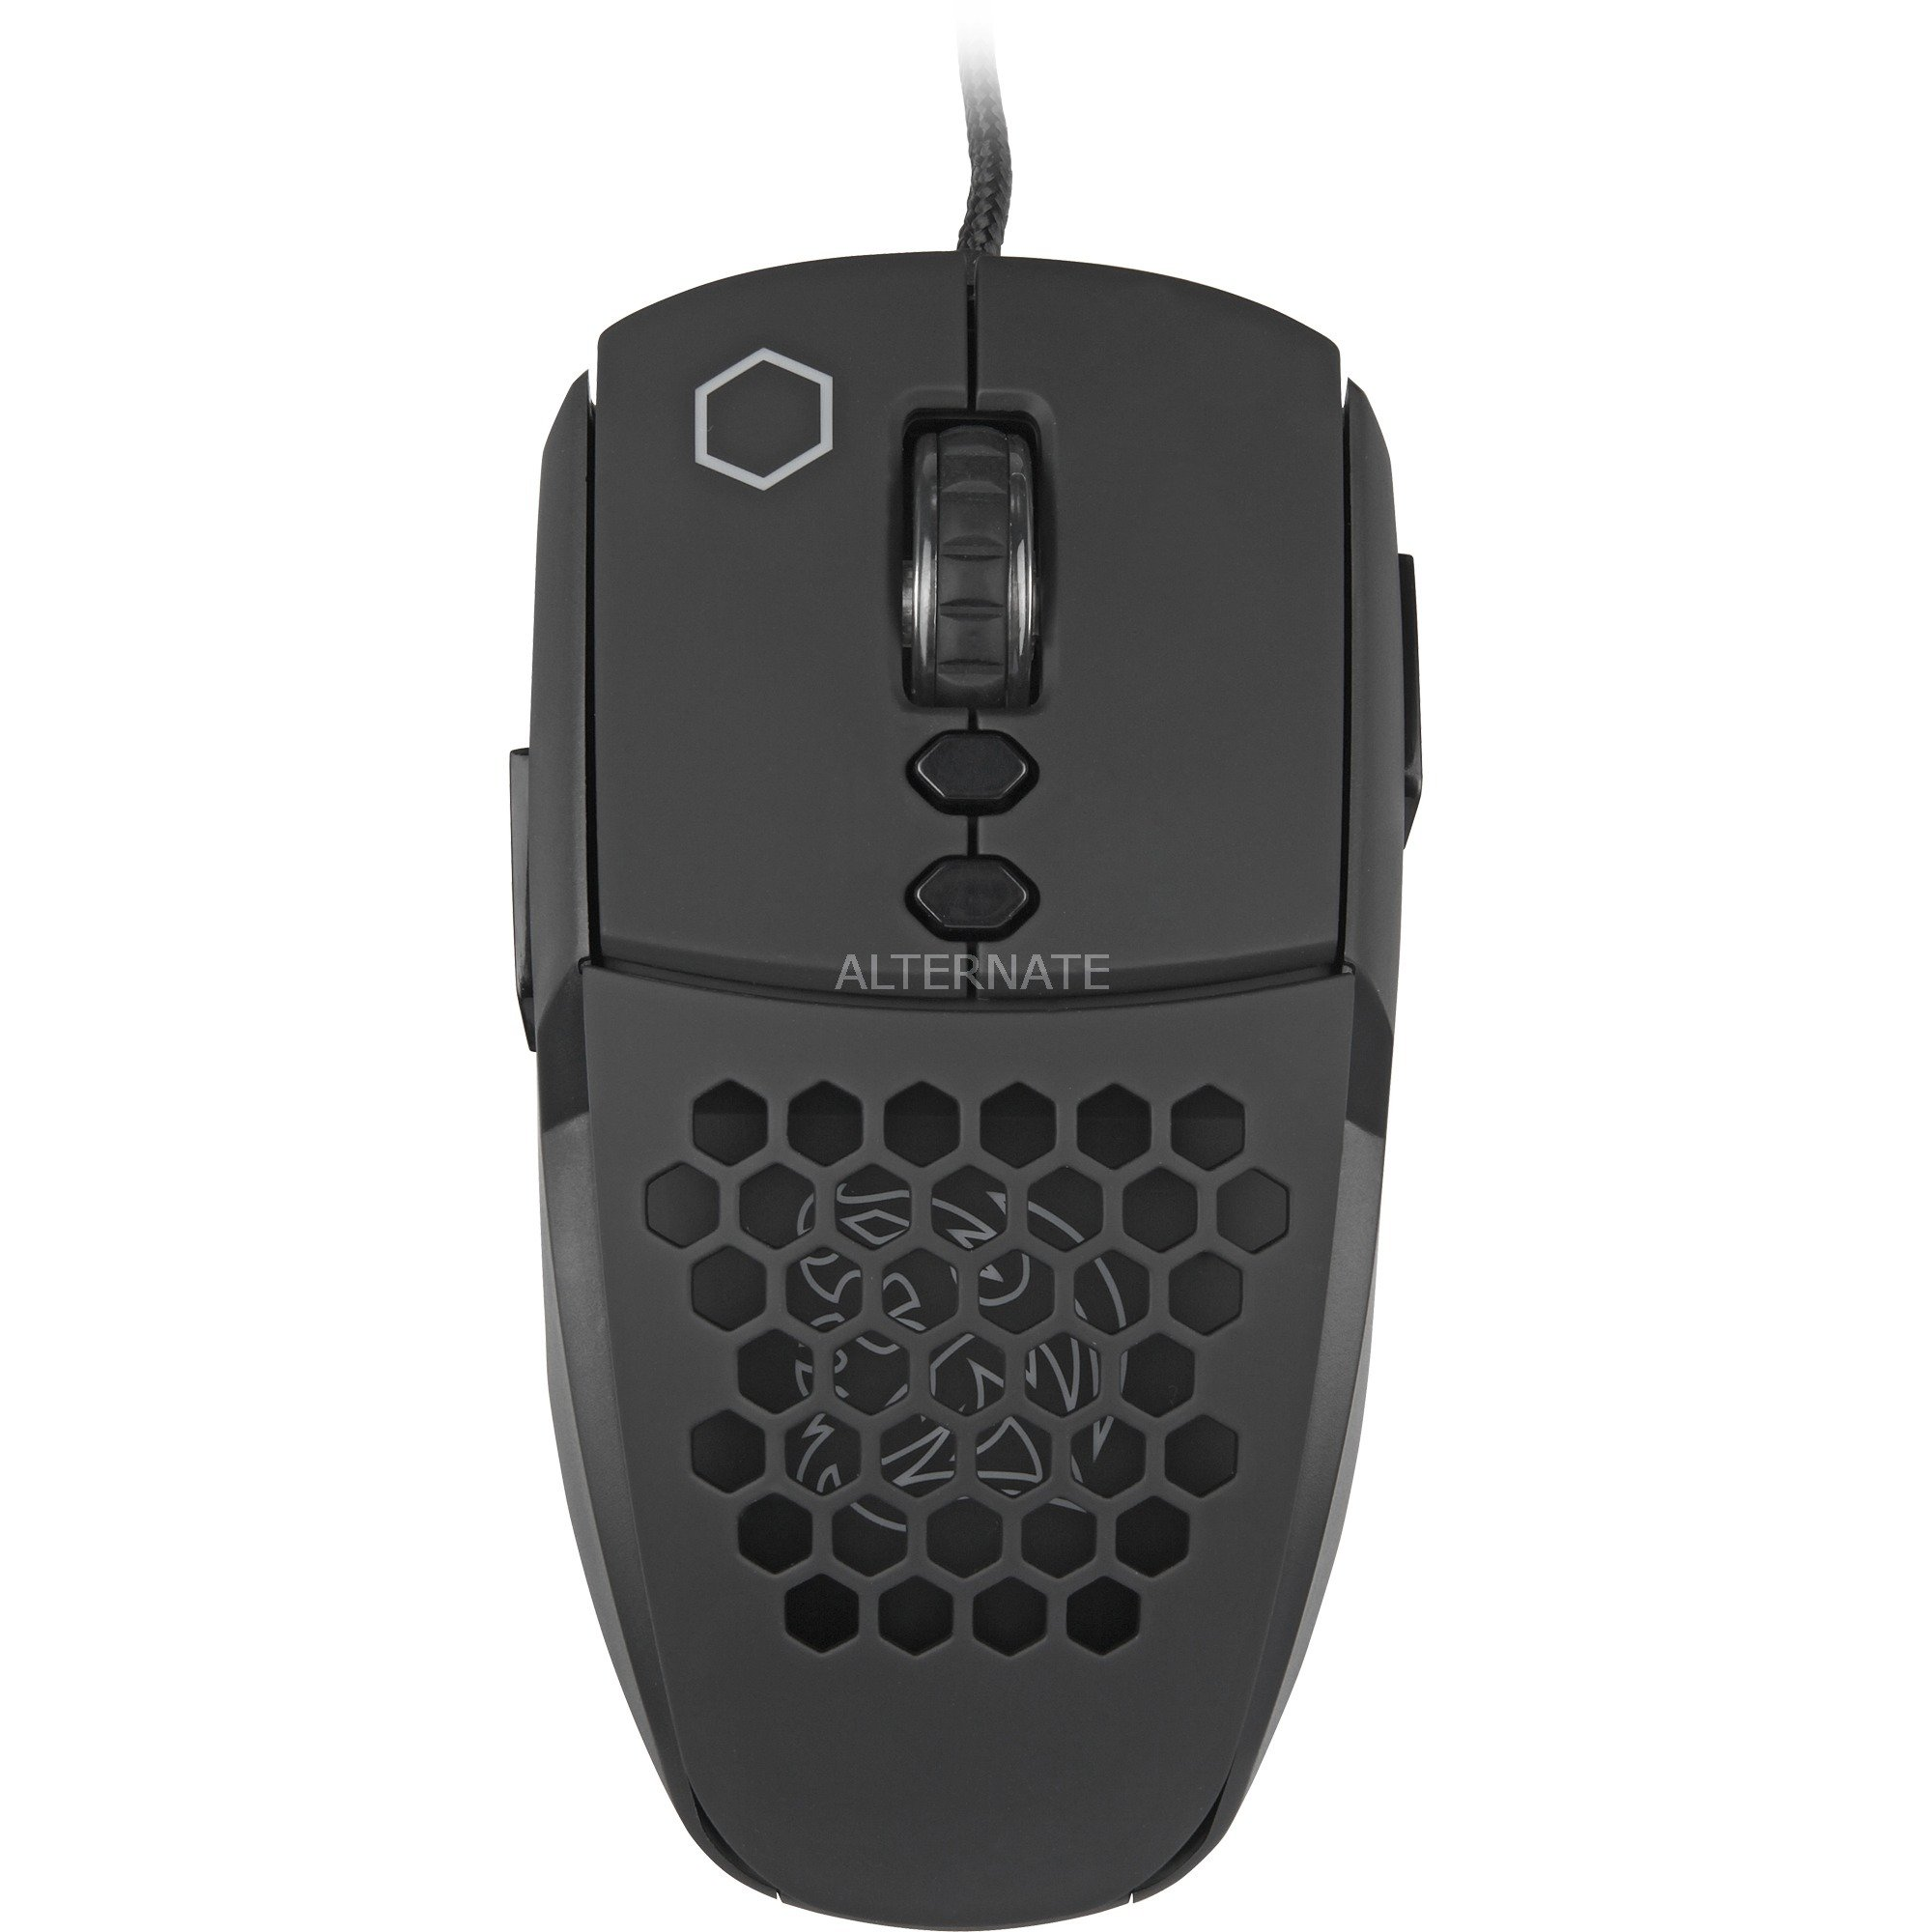 ventus-usb-laser-5700dpi-ambidextroustohaandede-sort-mus